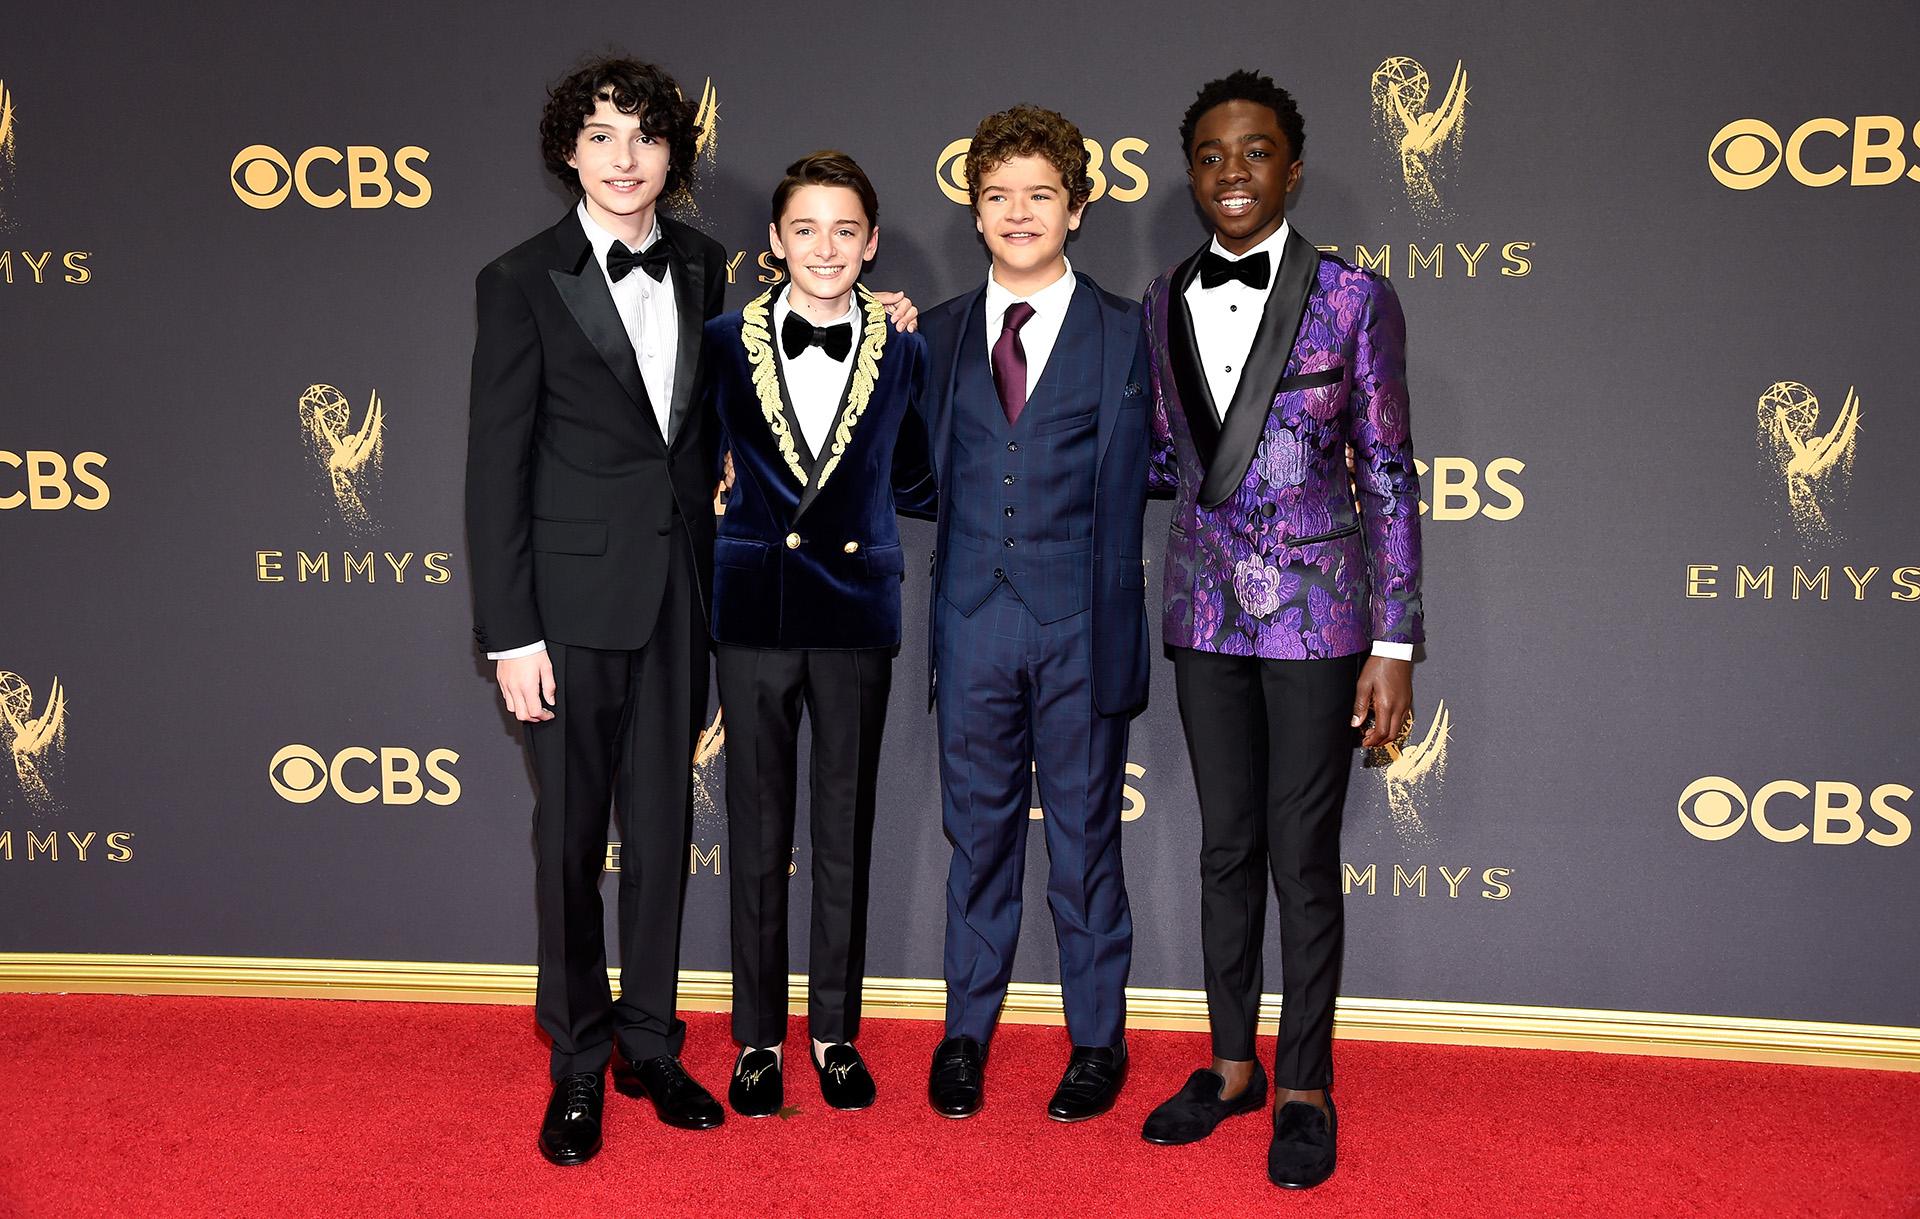 Las estrellas juveniles brindaron una clase de moda en la alfombra roja, tiñeron de color, textura y estampas el clásico black tie impuesto en la ceremonia de premiación